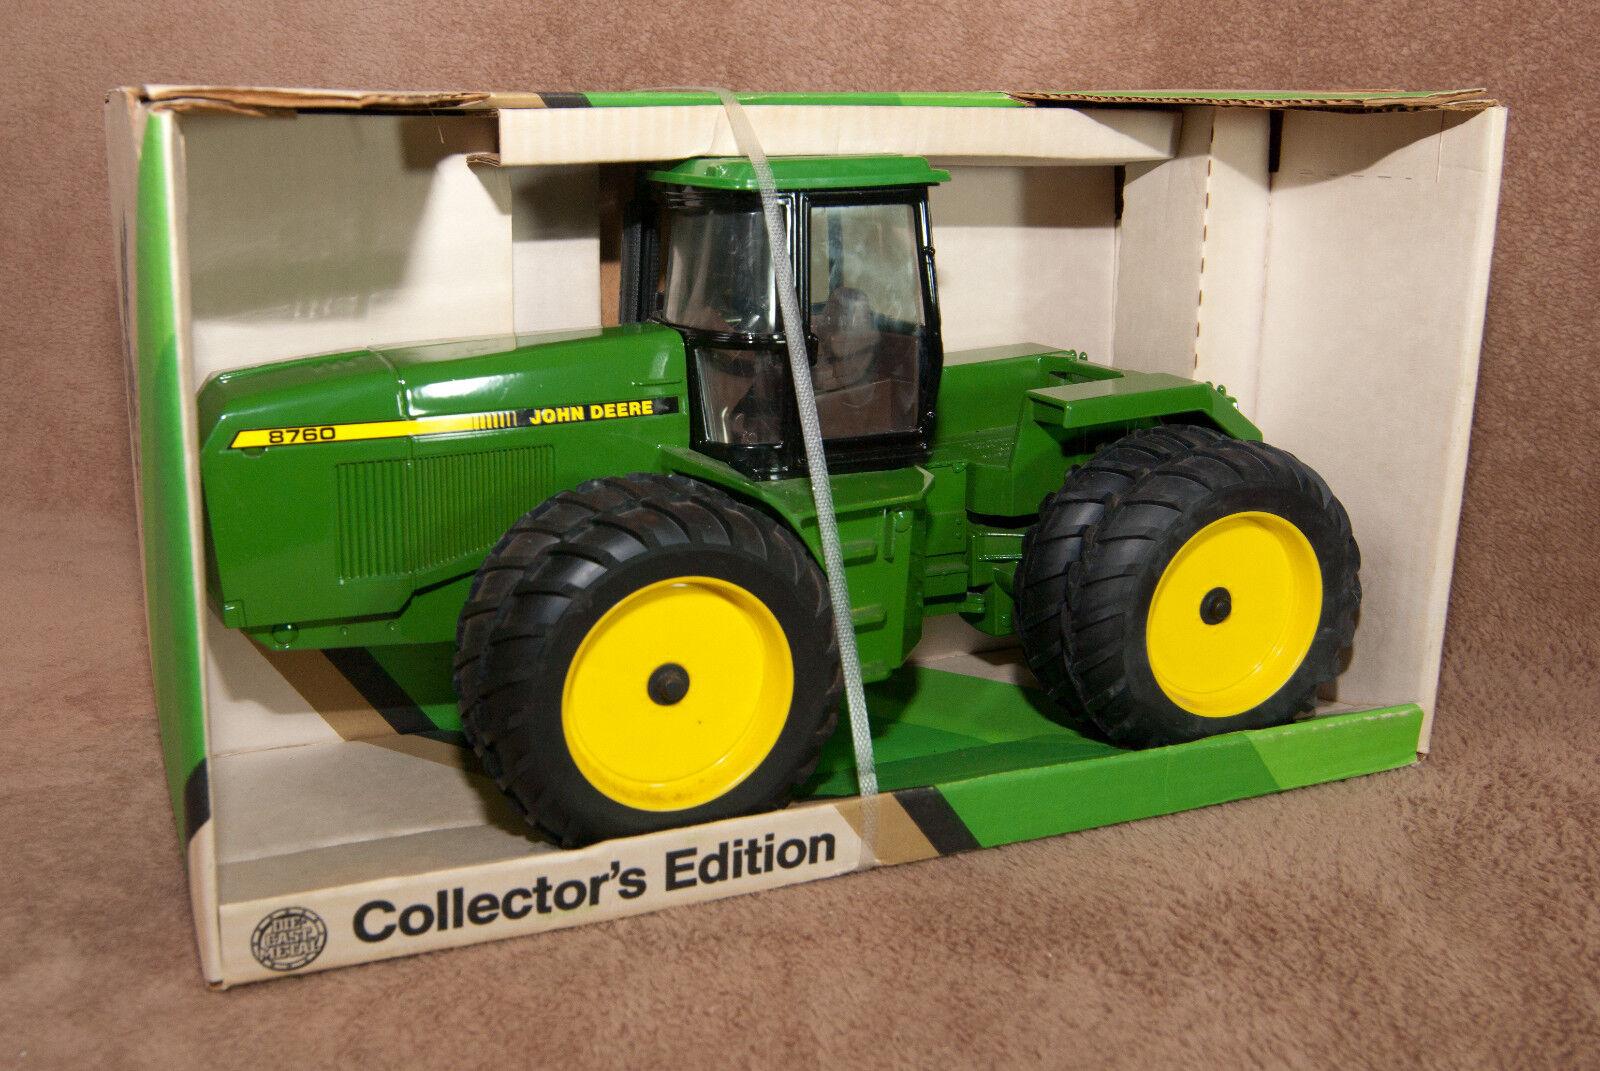 John Deere John Deere Tractor #4 100% Original Rare Pin Badge Business, Office & Industrial